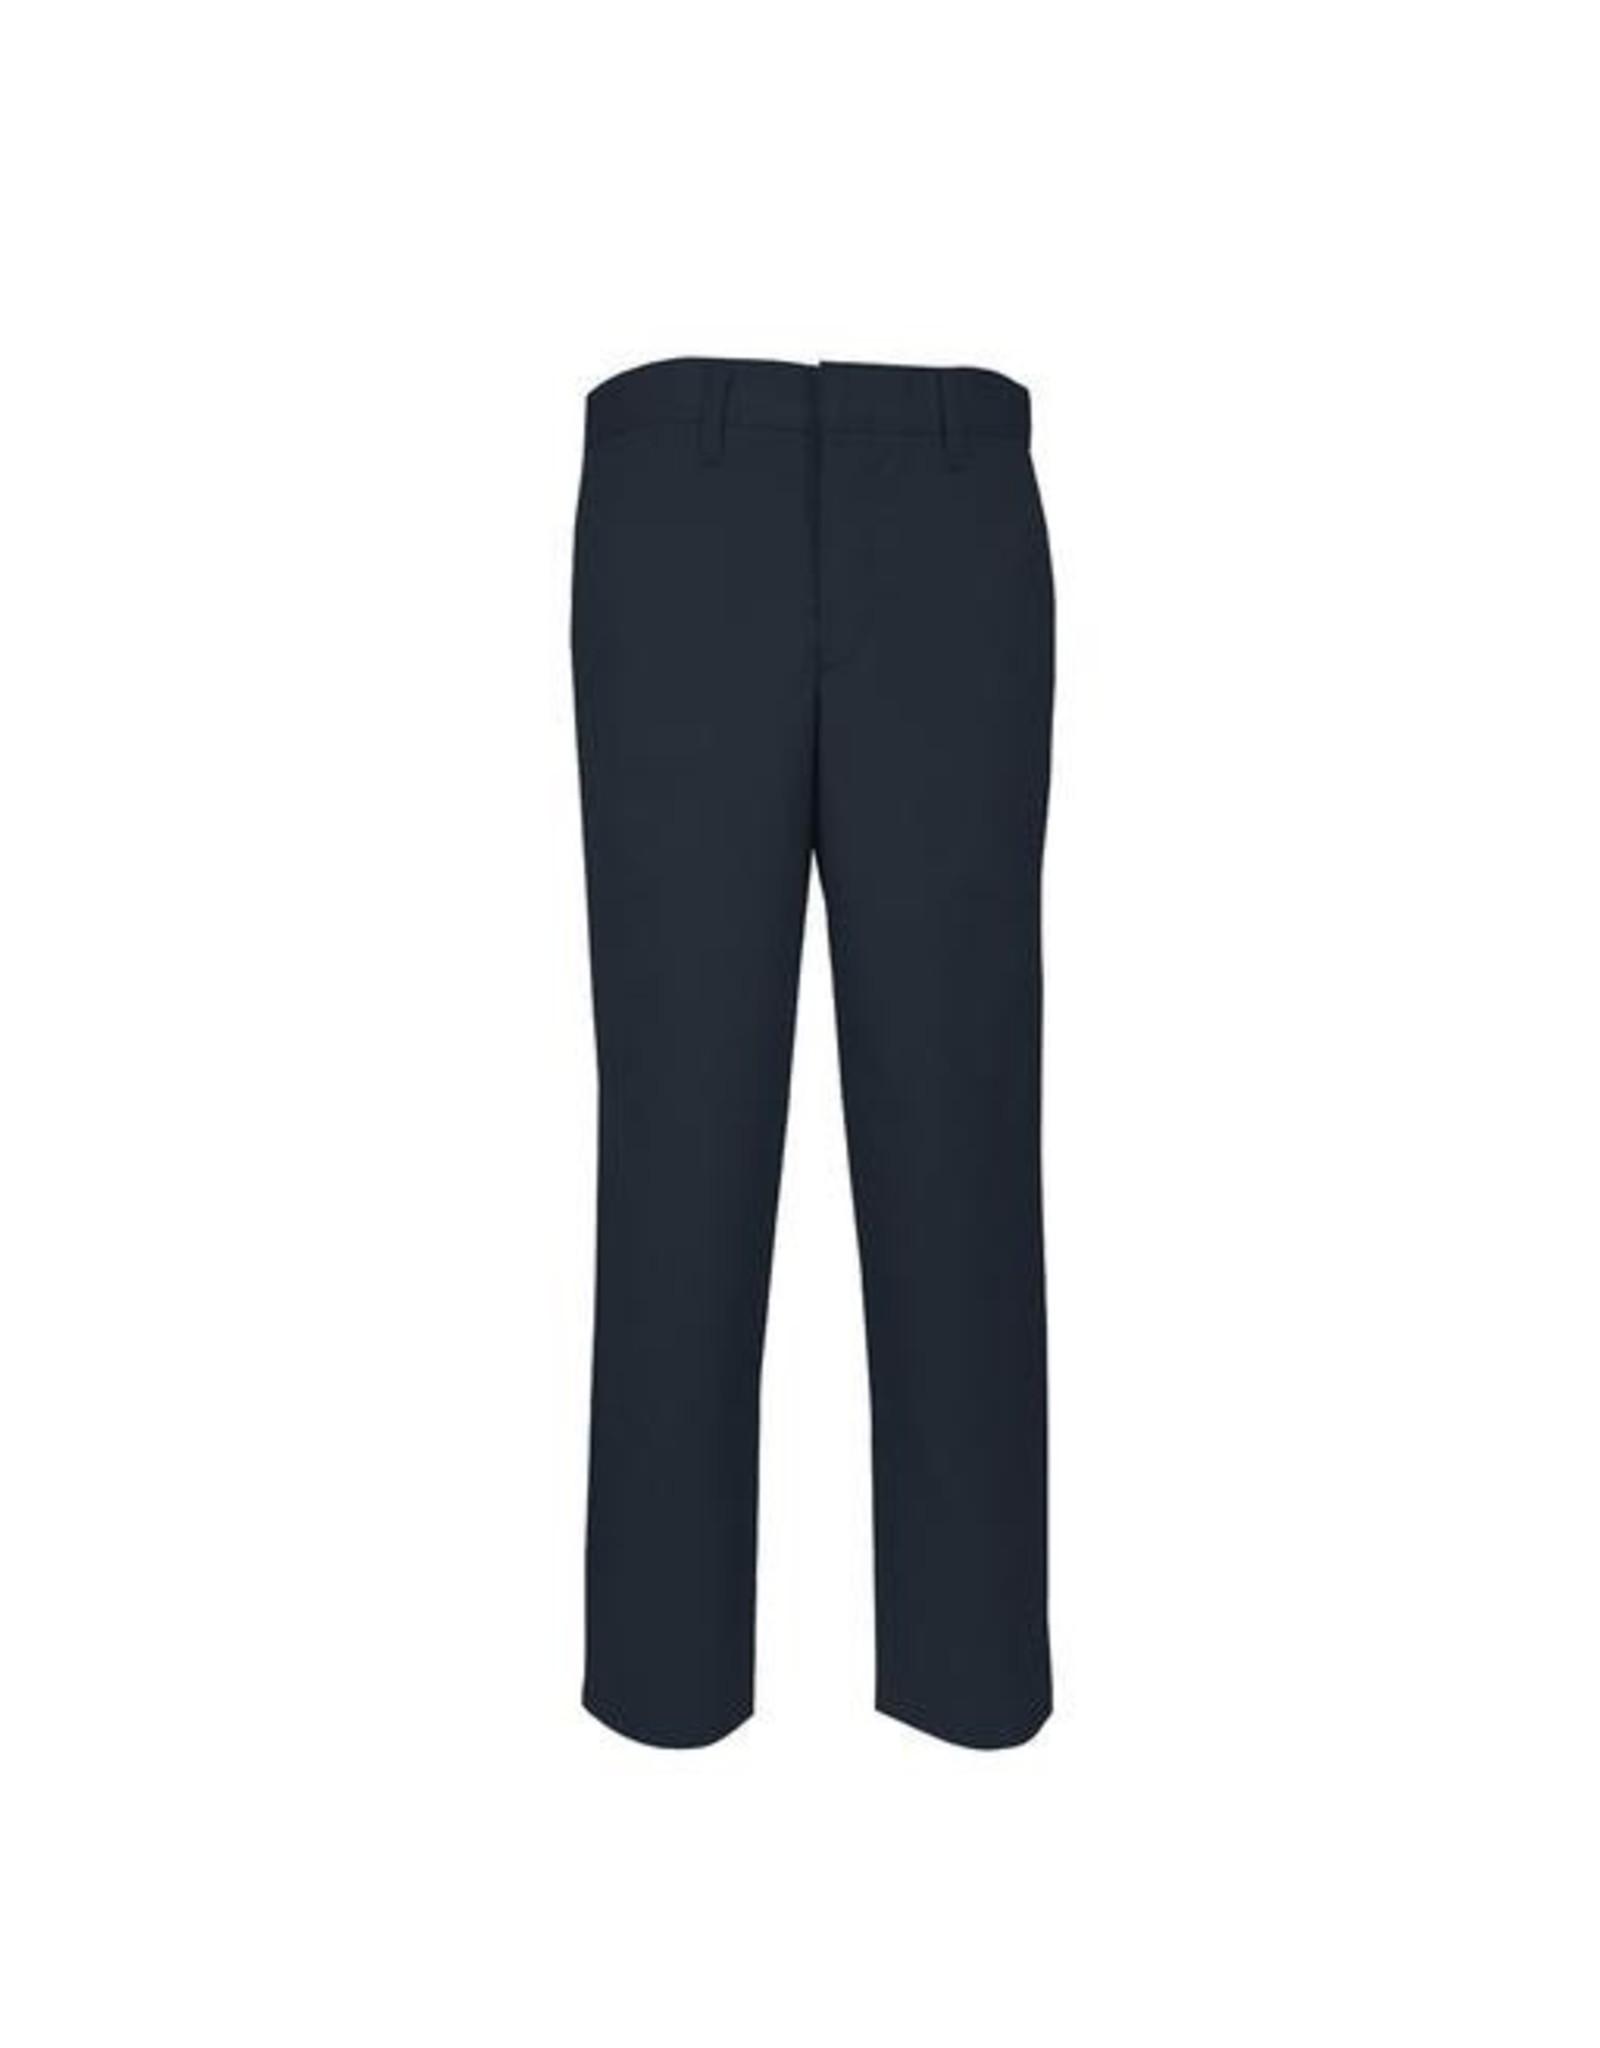 UNIFORM Unisex Navy Pants-Boys Cut (new style)